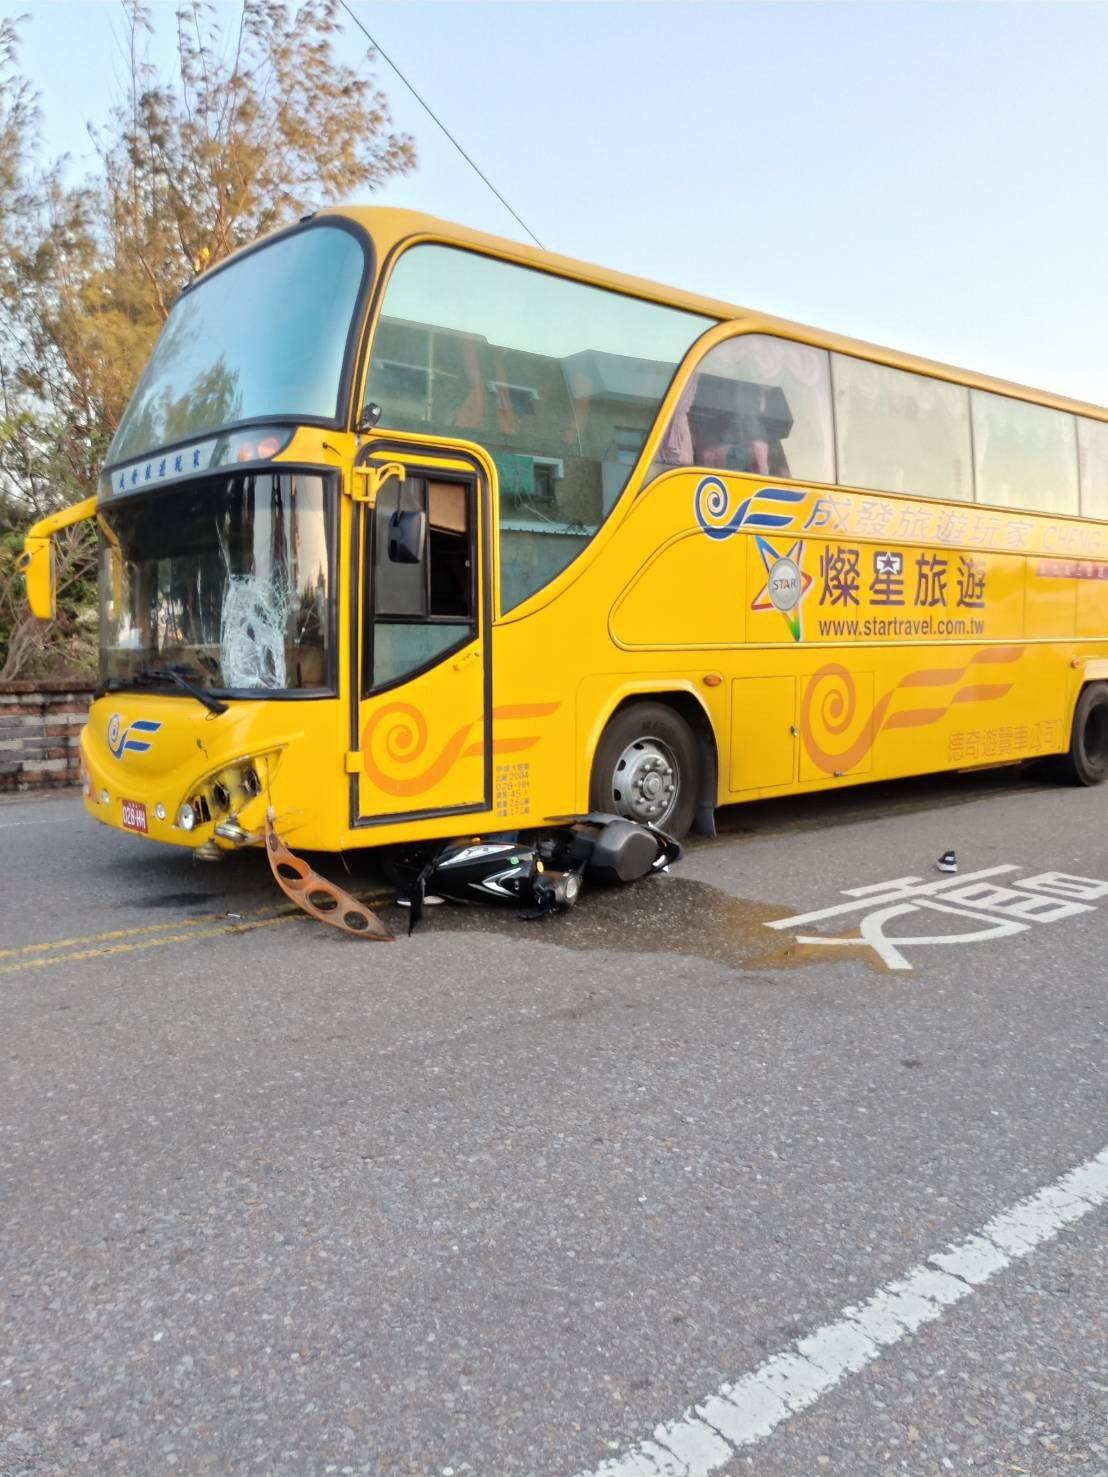 澎湖馬公市區今下午發生一起遊客機車與遊覽車相撞的交通事故,女騎士連人帶車遭捲入車...